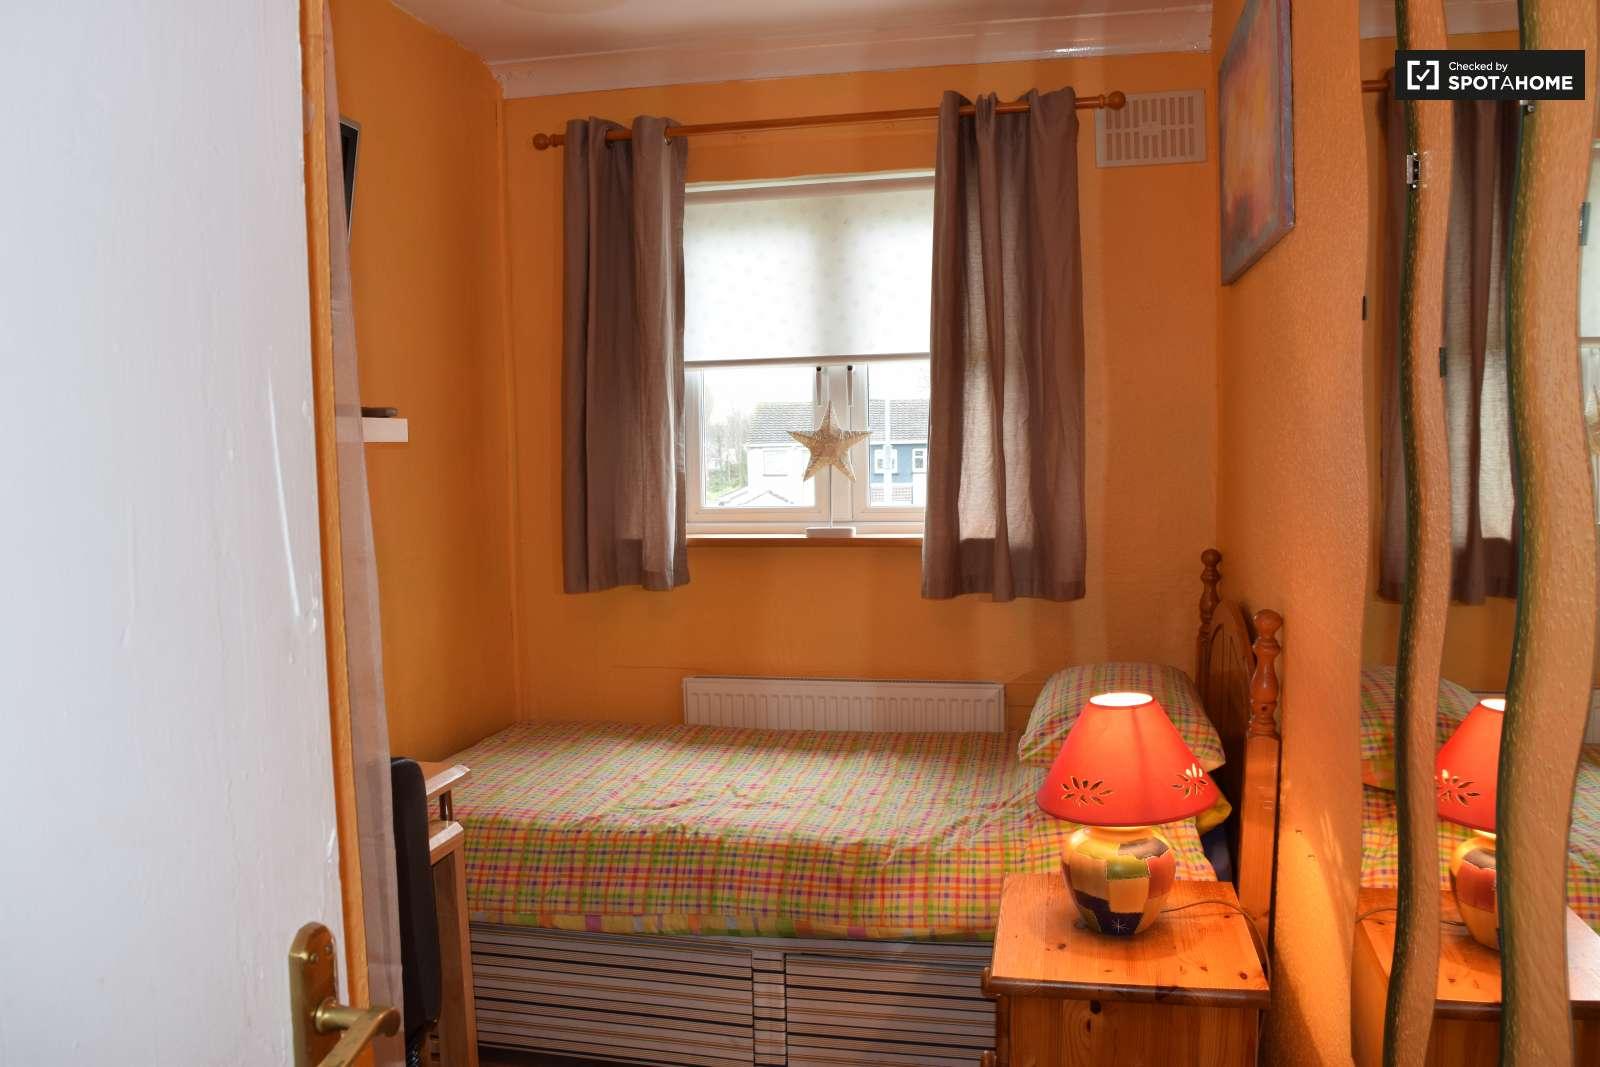 cozy room to rent in 4 bedroom house in swords dublin spotahome